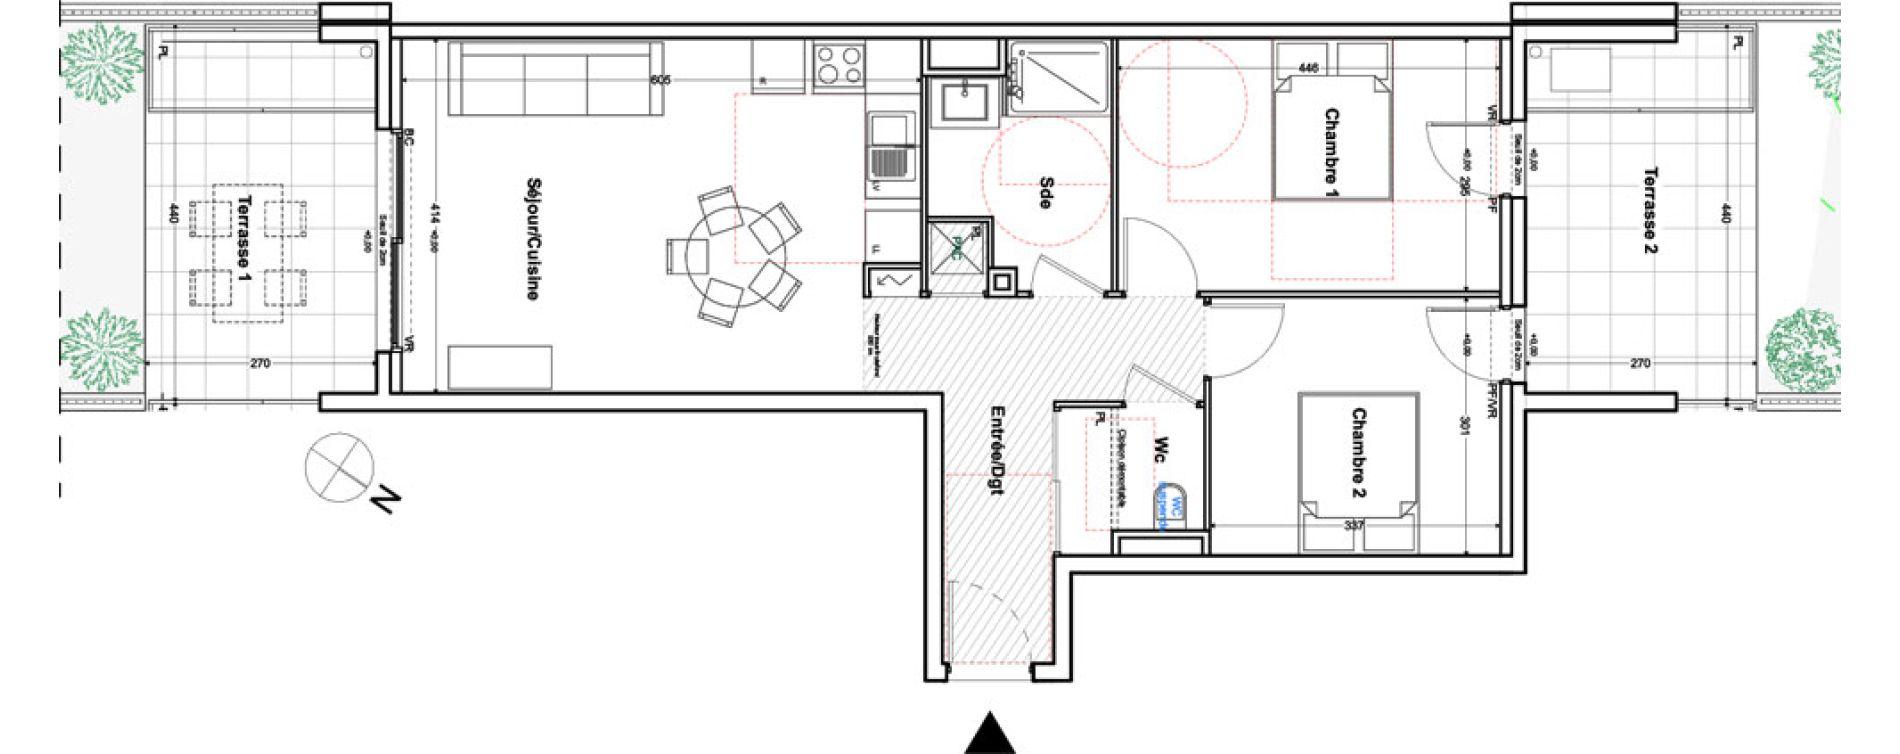 Appartement T3 de 64,42 m2 à Toulon Cap brun